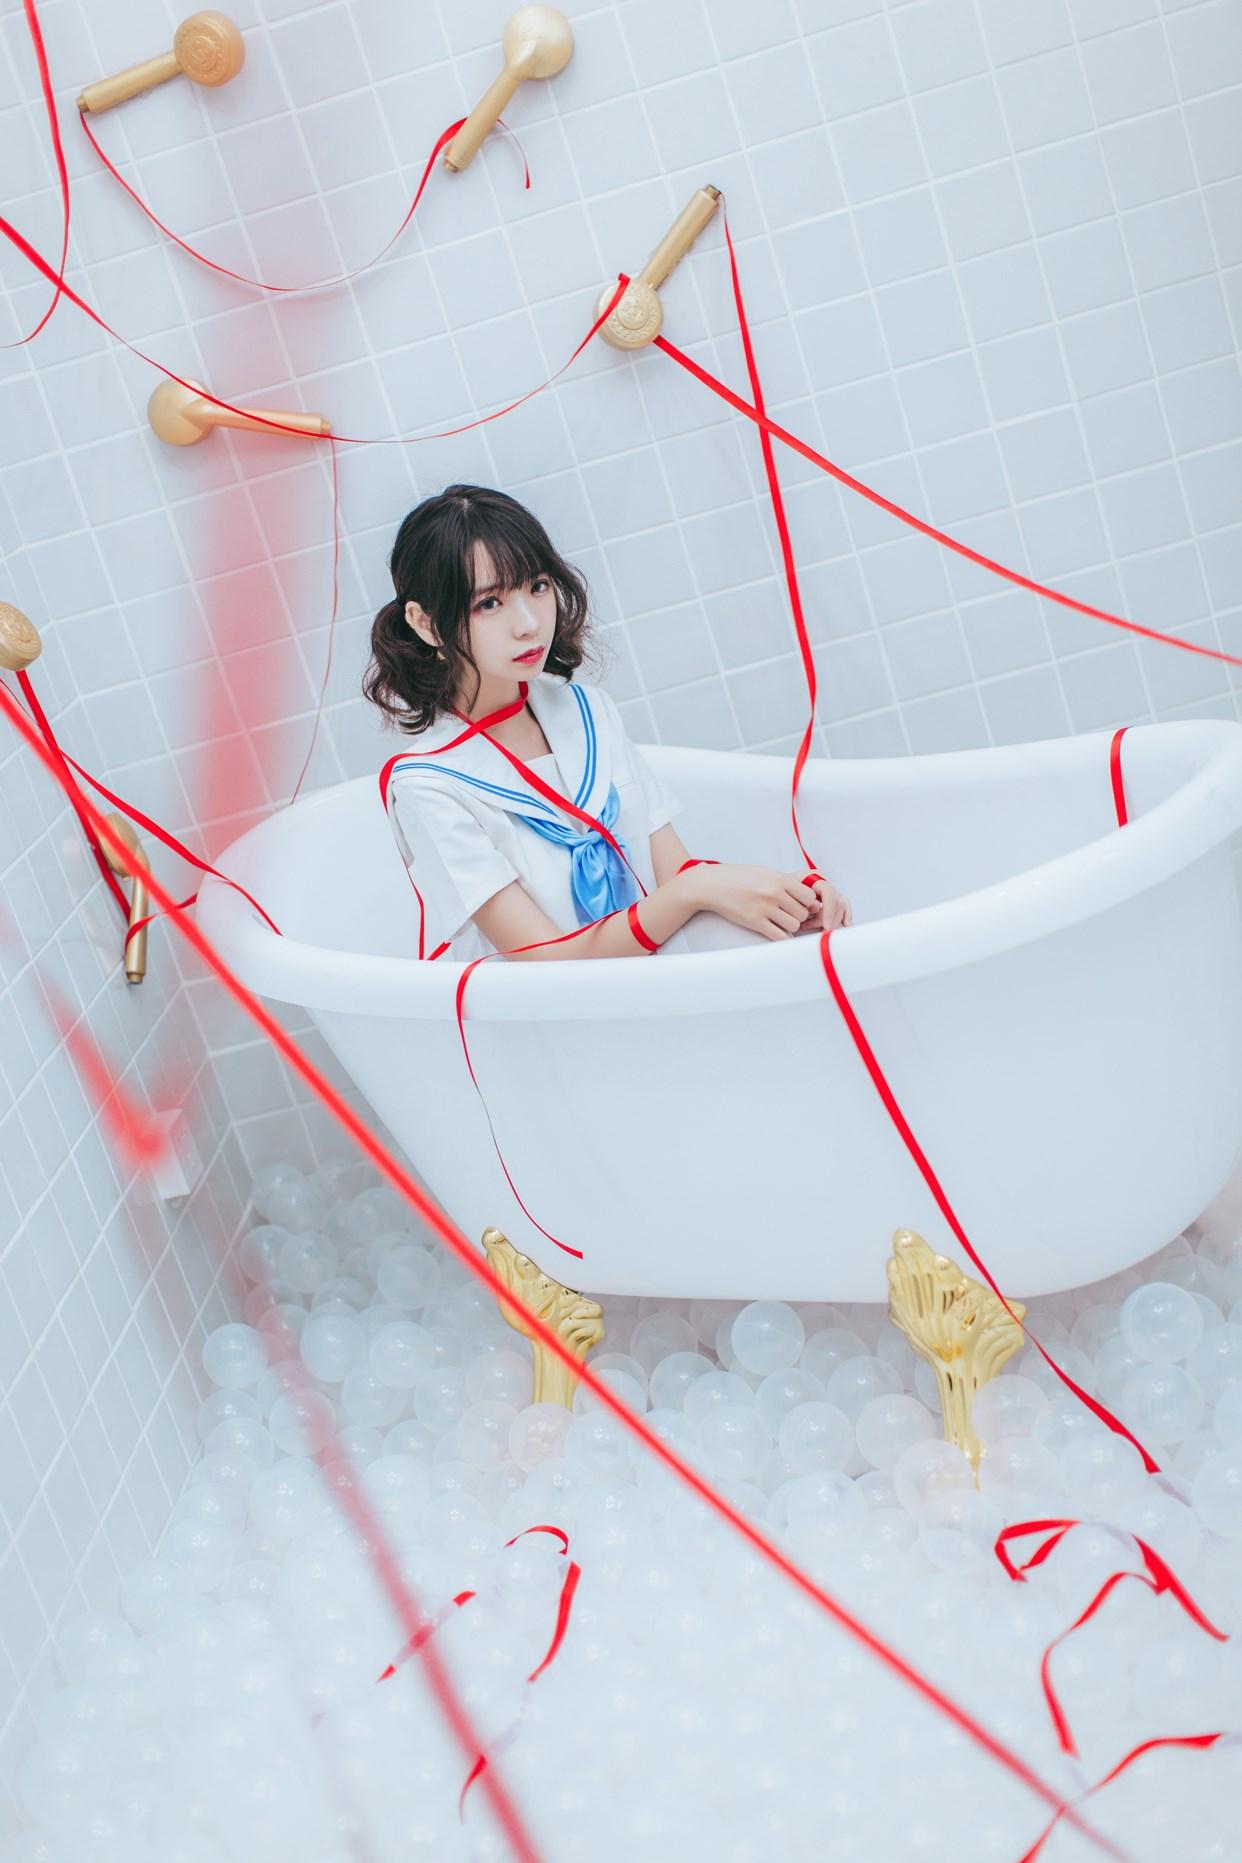 【兔玩映画】睡衣与浴室的水手服 兔玩映画 第26张